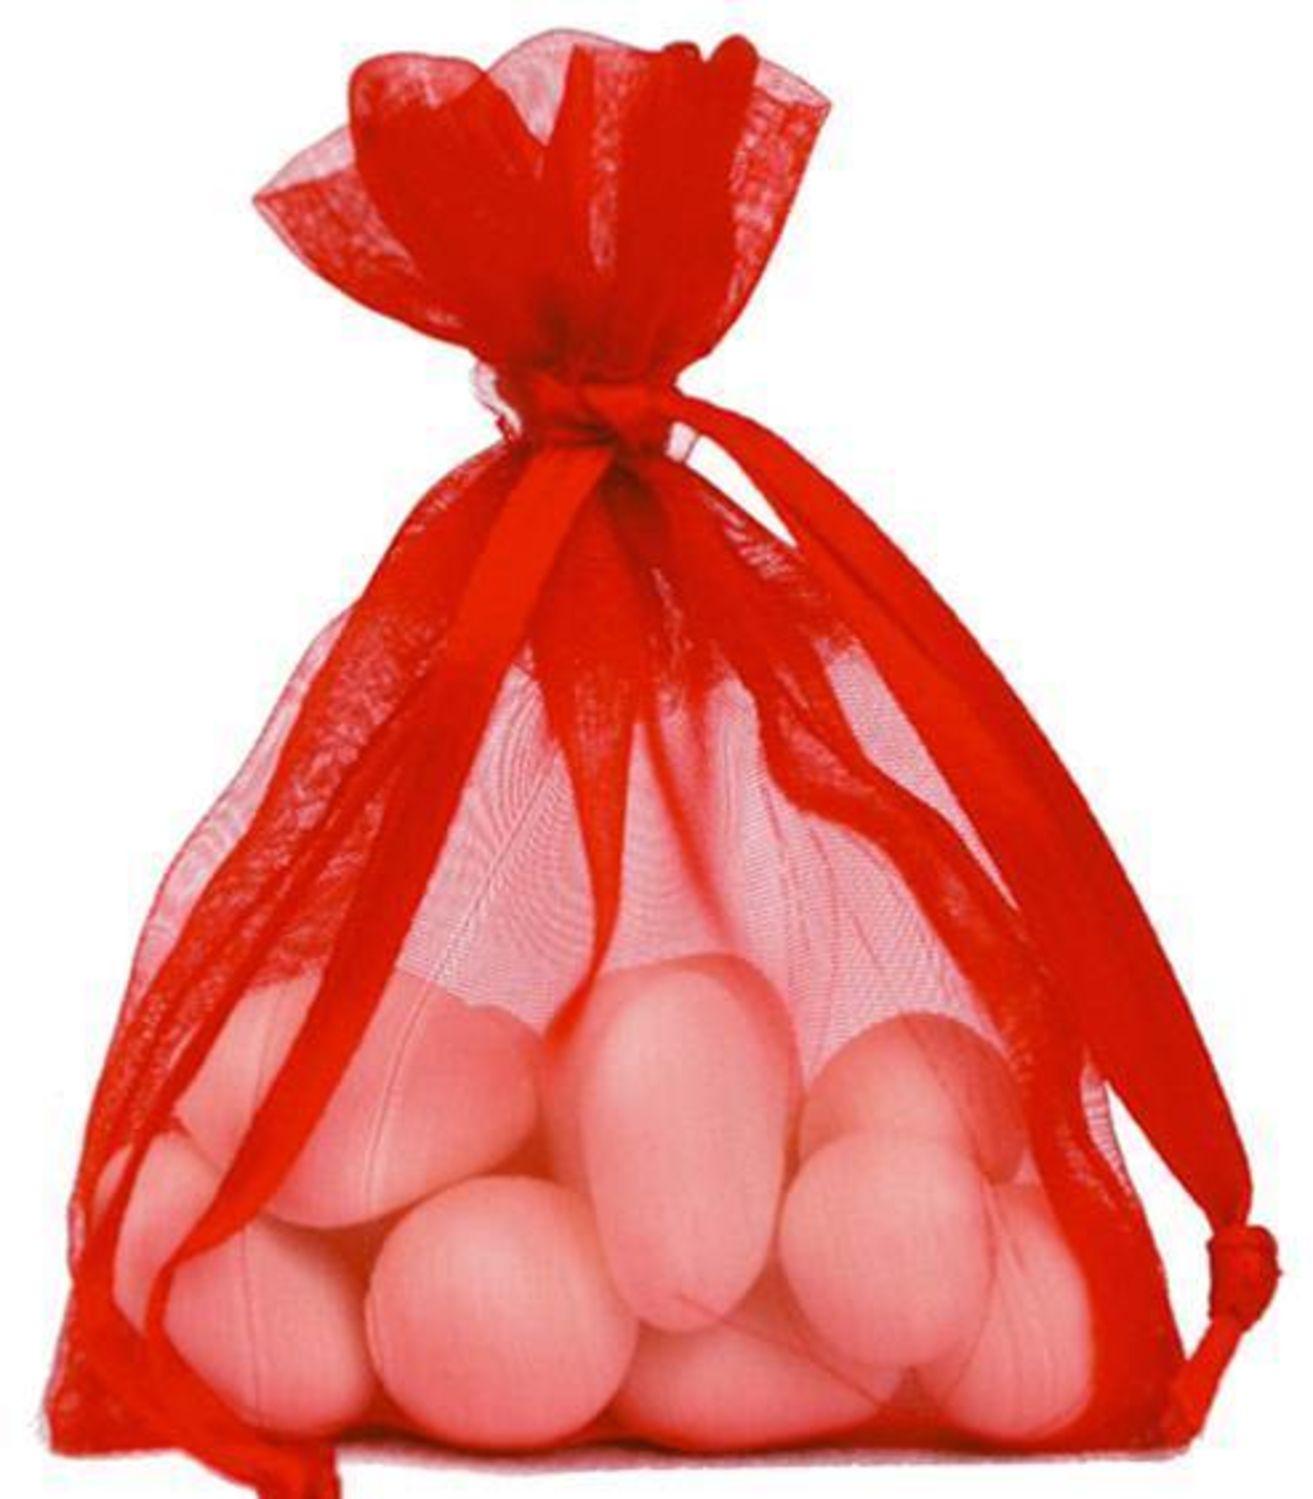 Faltbox Doppelherz Geschenkbox 12 Stück für Hochzeitsmandeln und Gastgeschenke